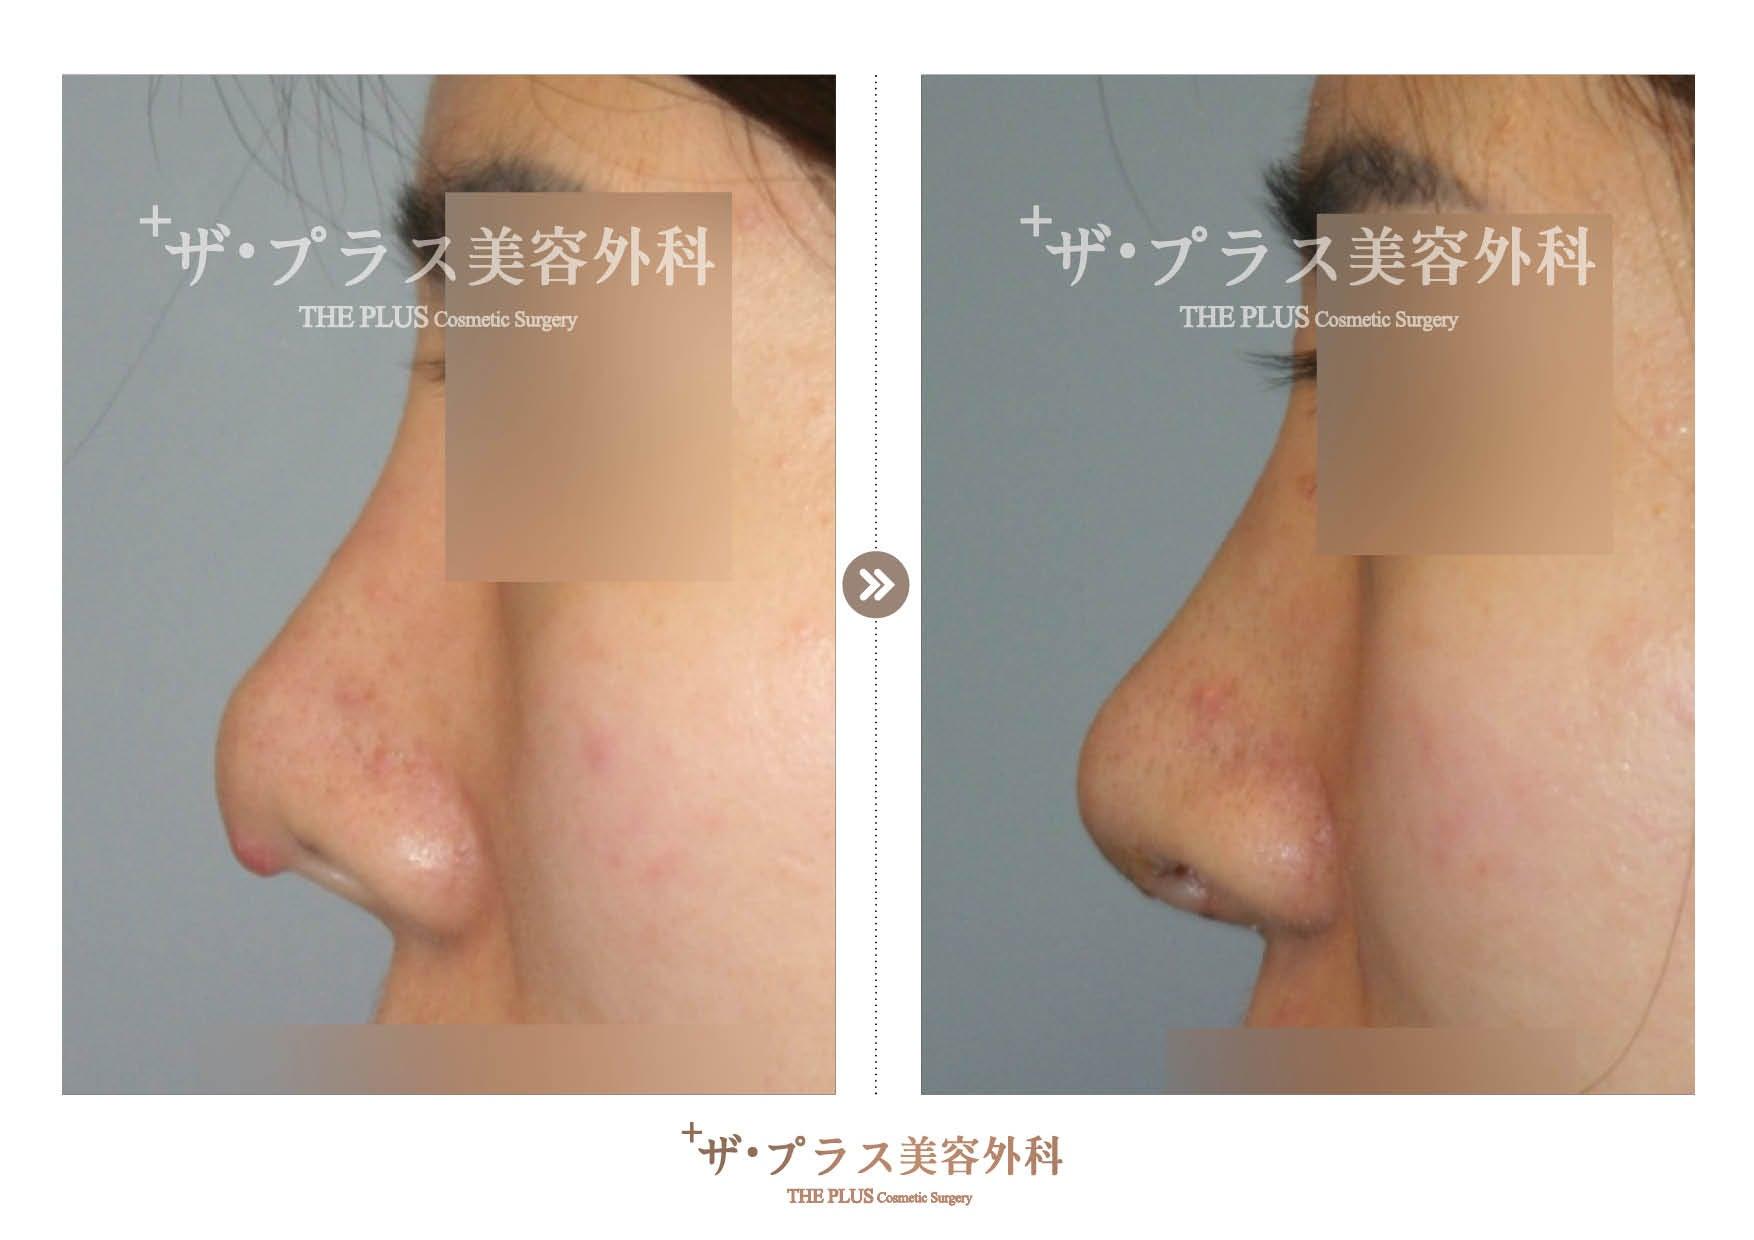 韓国で整形、鼻手術